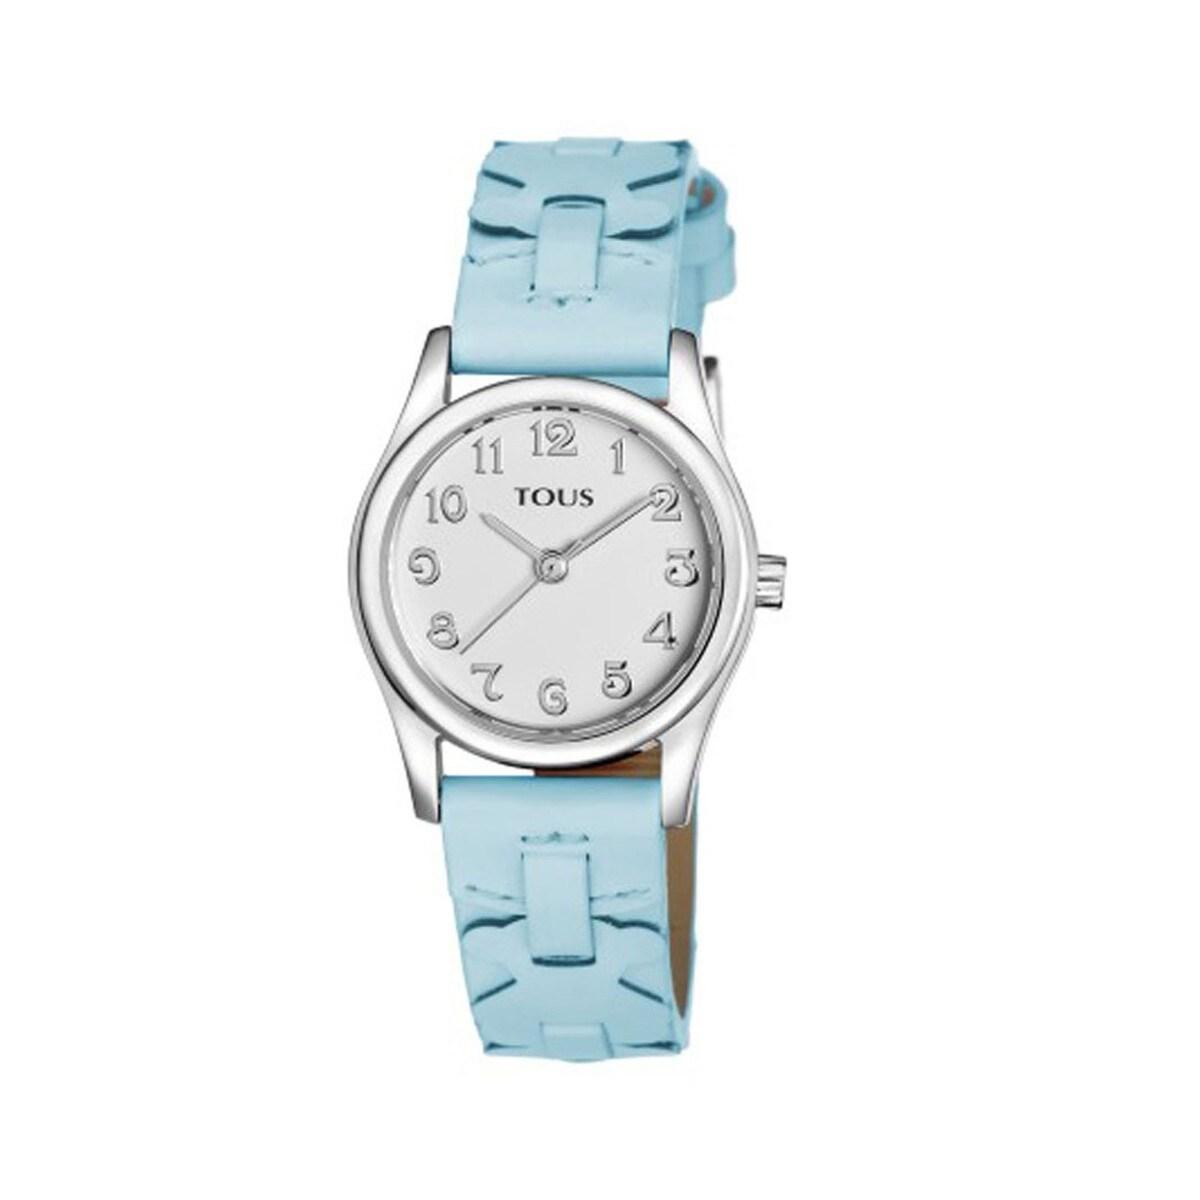 Relógio Cruise em Aço com correia de Pele azul